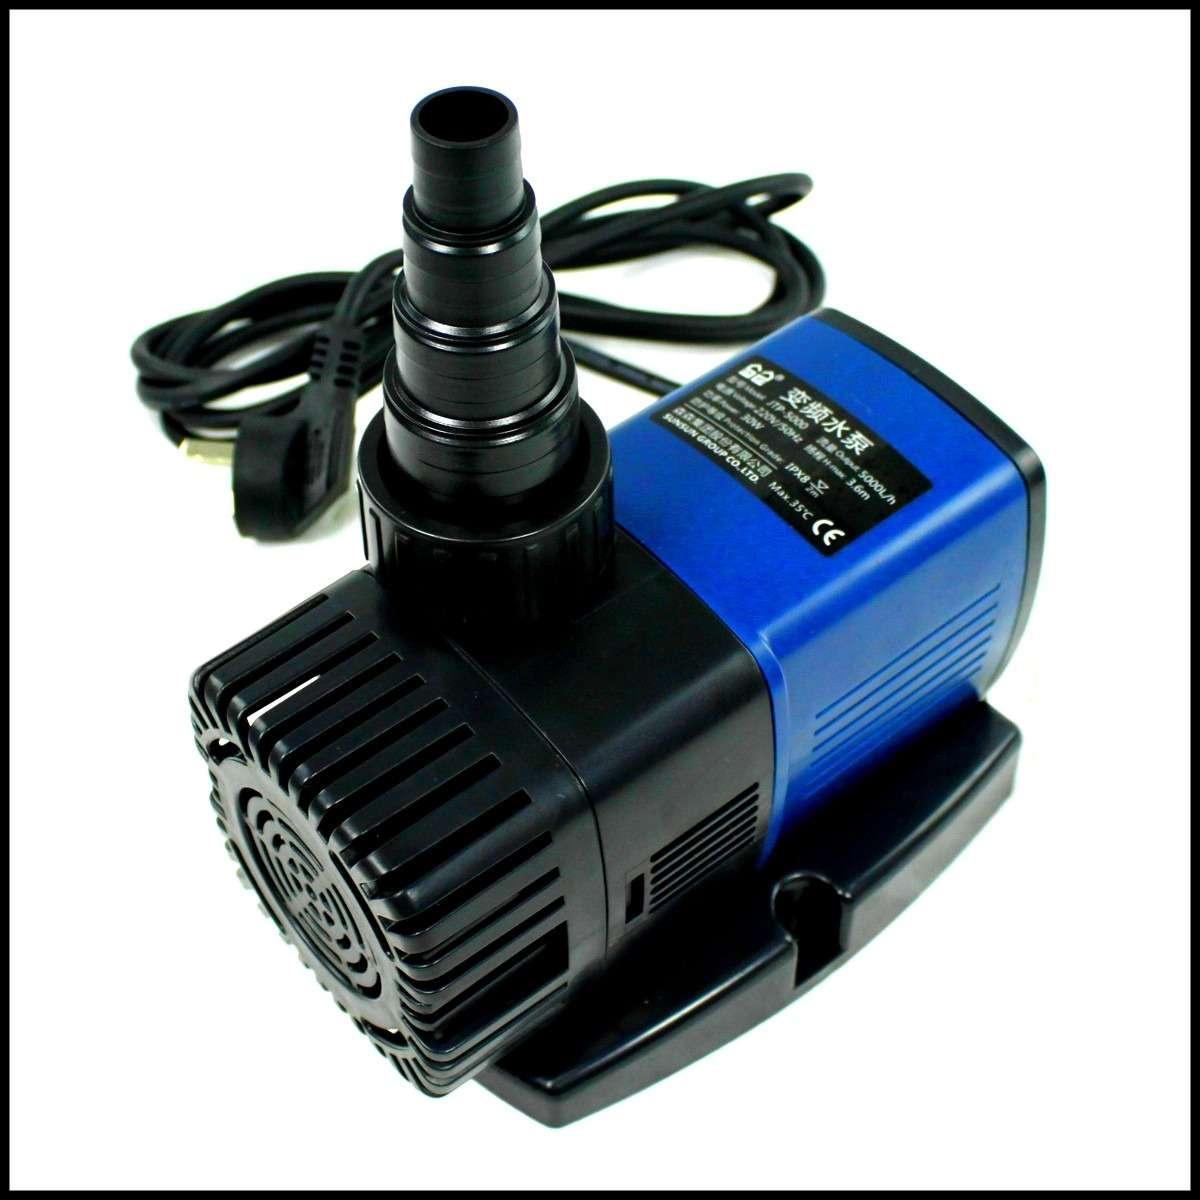 Jtp 7000 pompa di ricircolo risalita eco 50w 7000 l h for Pompa per laghetto